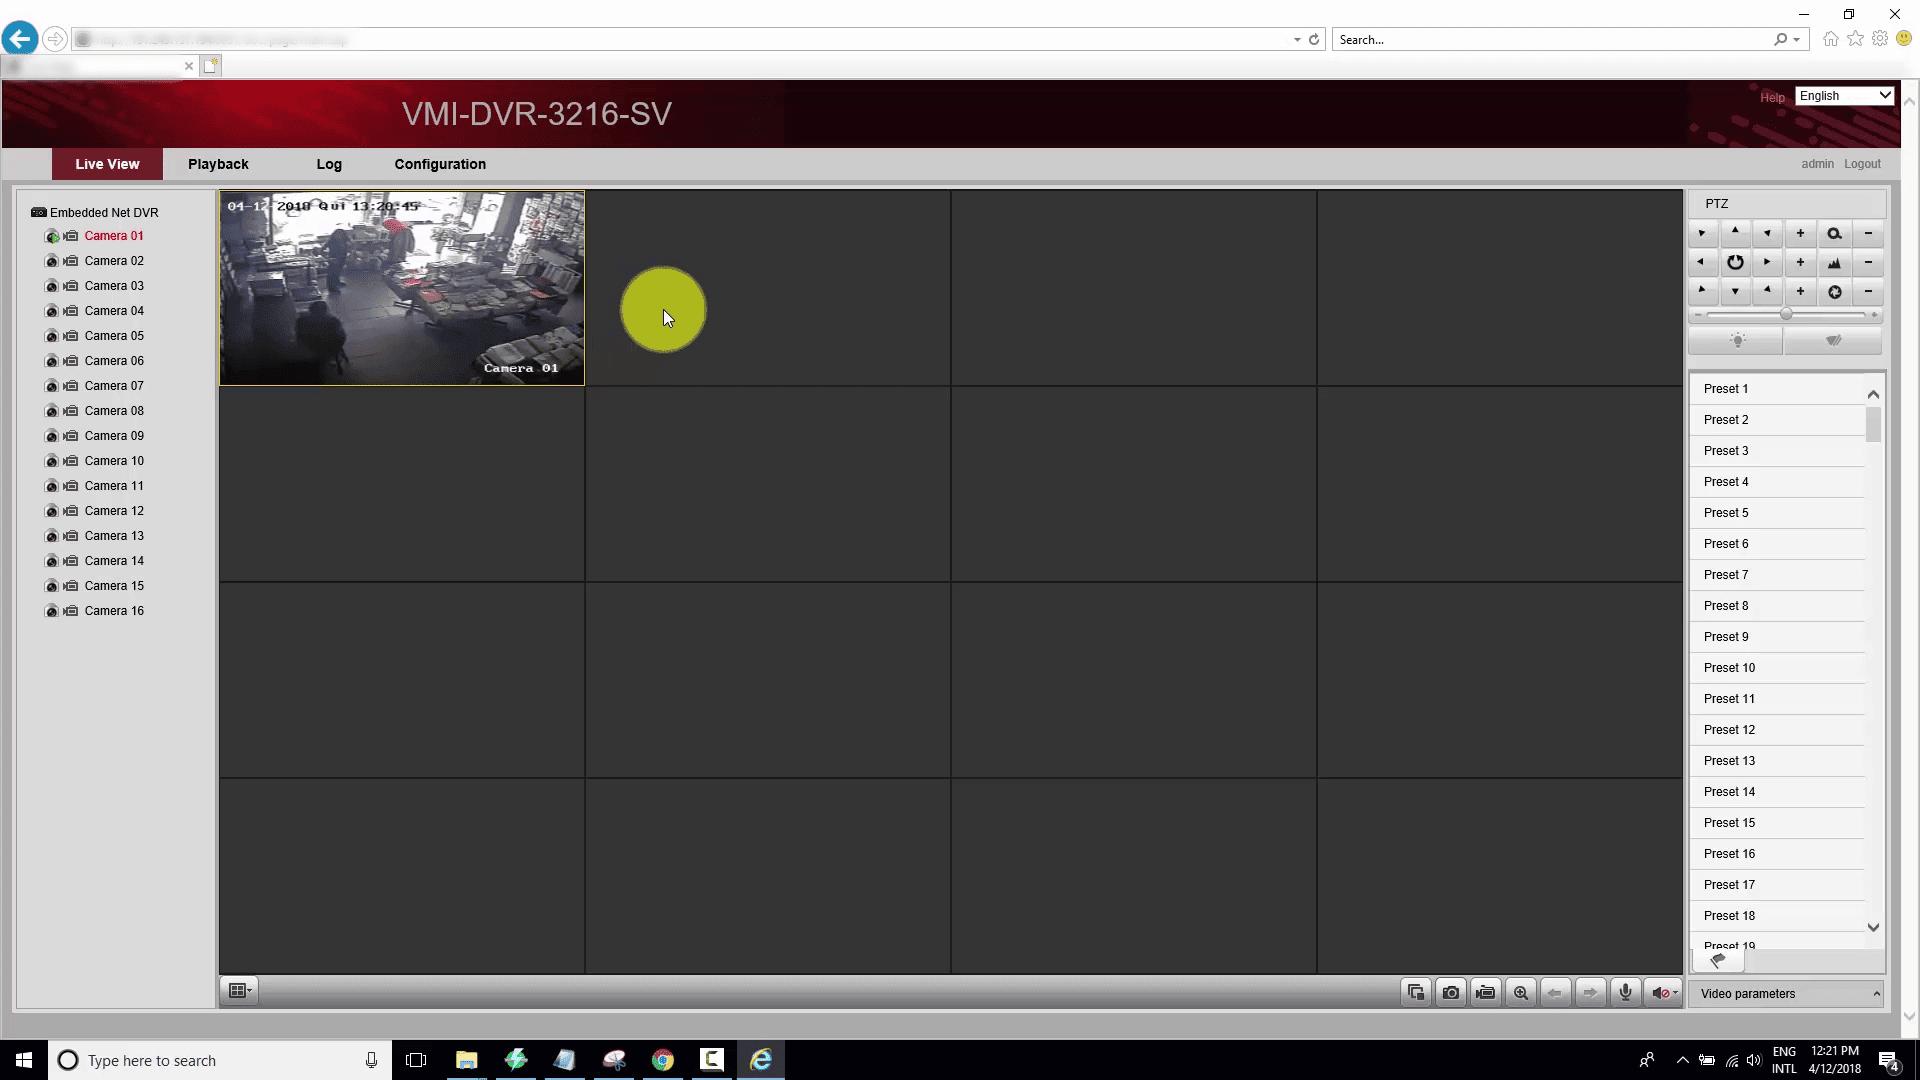 DVR de Hikvision hackeado